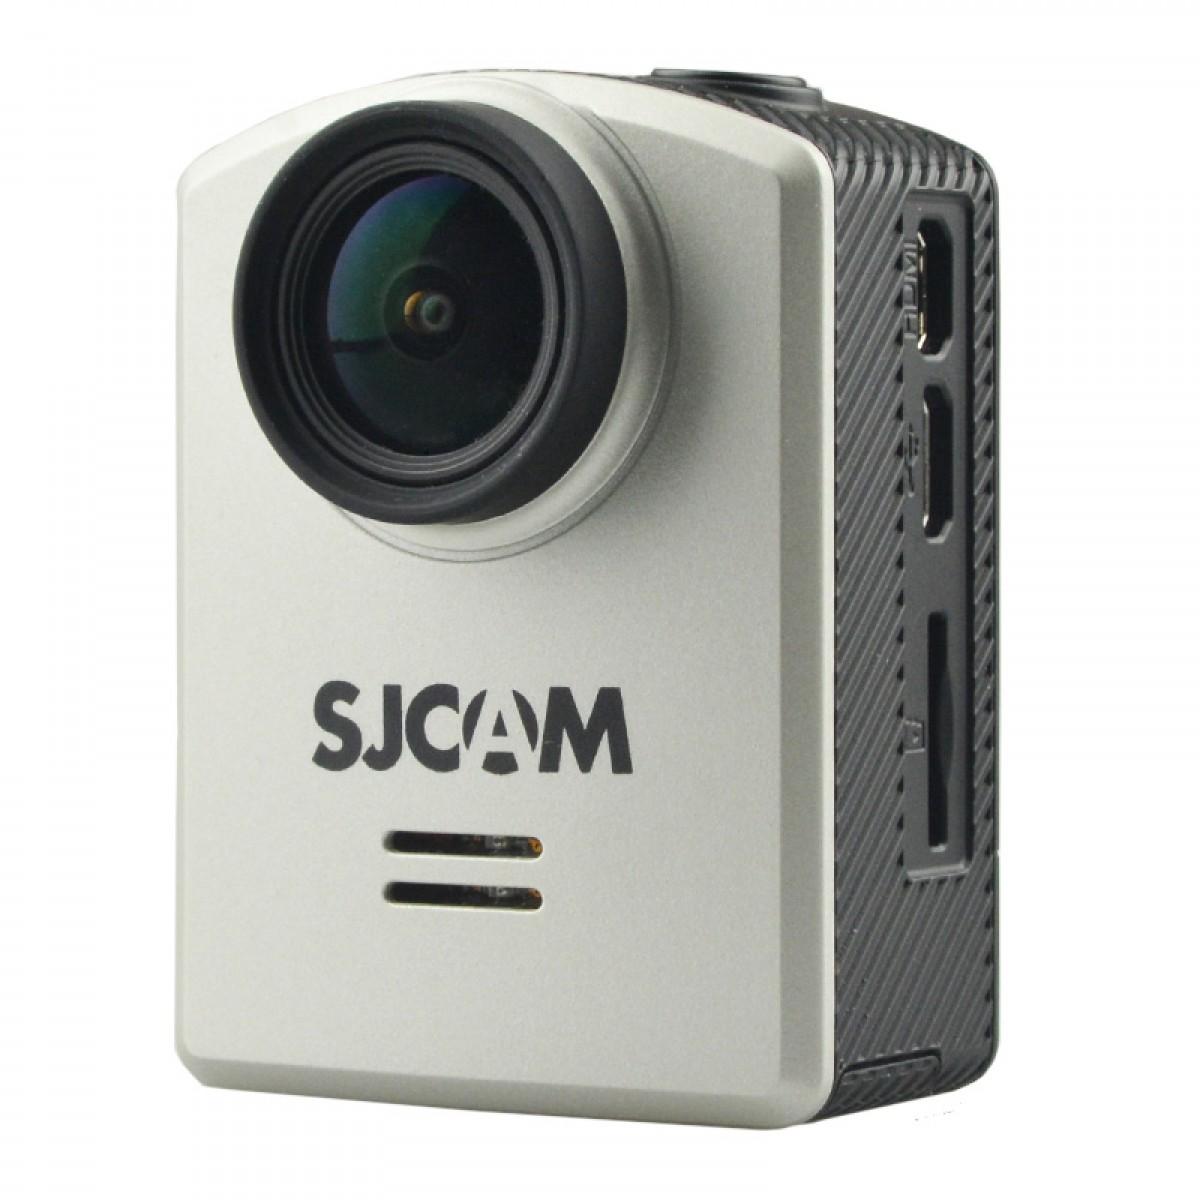 Originalní SJCAM M20 2160P Sportovní kamera , GARANCE VYŘEŠENÍ REKLAMACE DO 24 HODIN Barva: Stříbrná